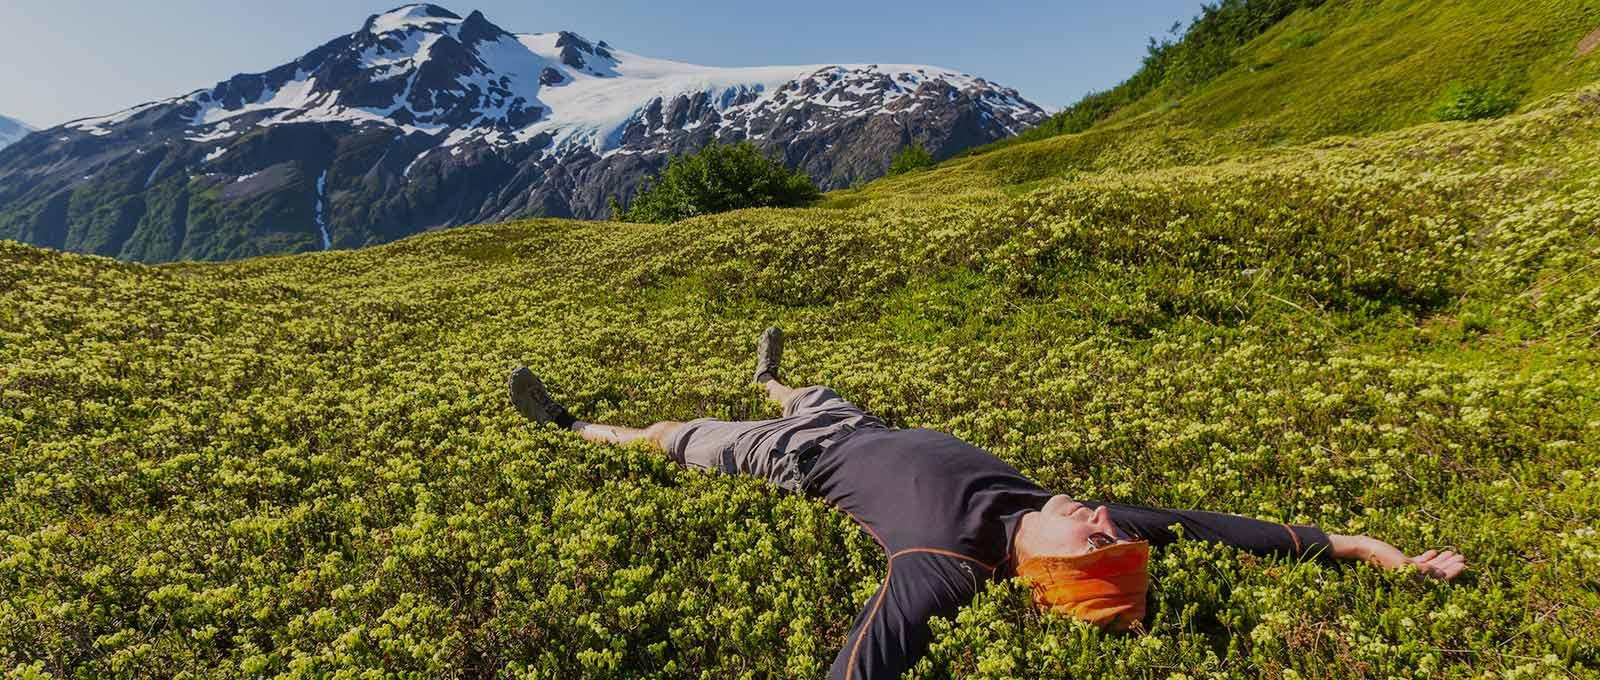 Trekking nel parco del Mont Avic